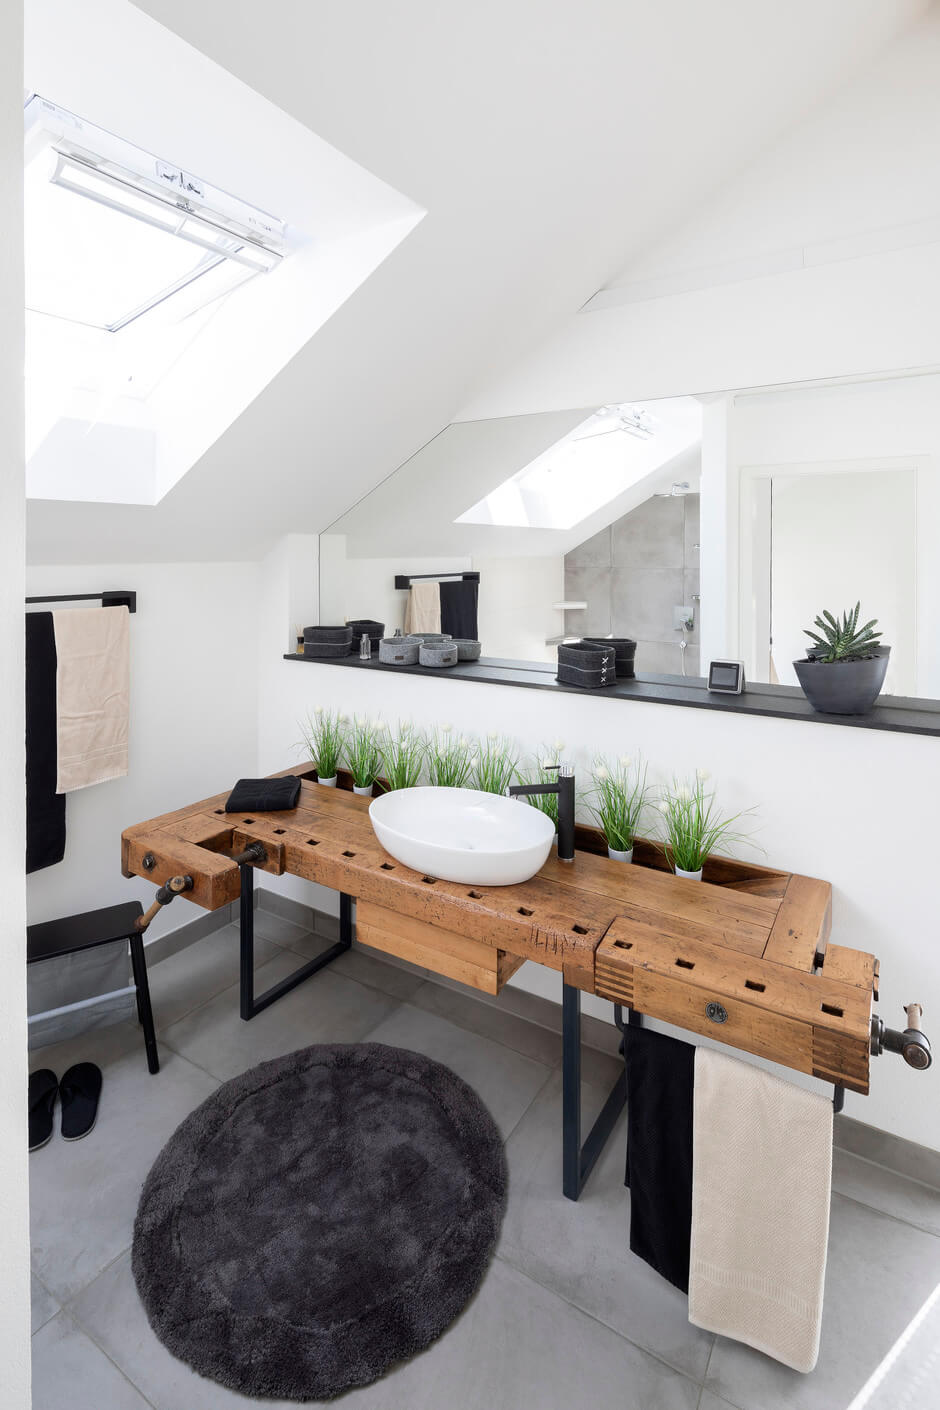 Full Size of Badezimmer Im Dachgeschoss Planen Kleine Küche Einrichten Wohnzimmer Dachgeschosswohnung Einrichten